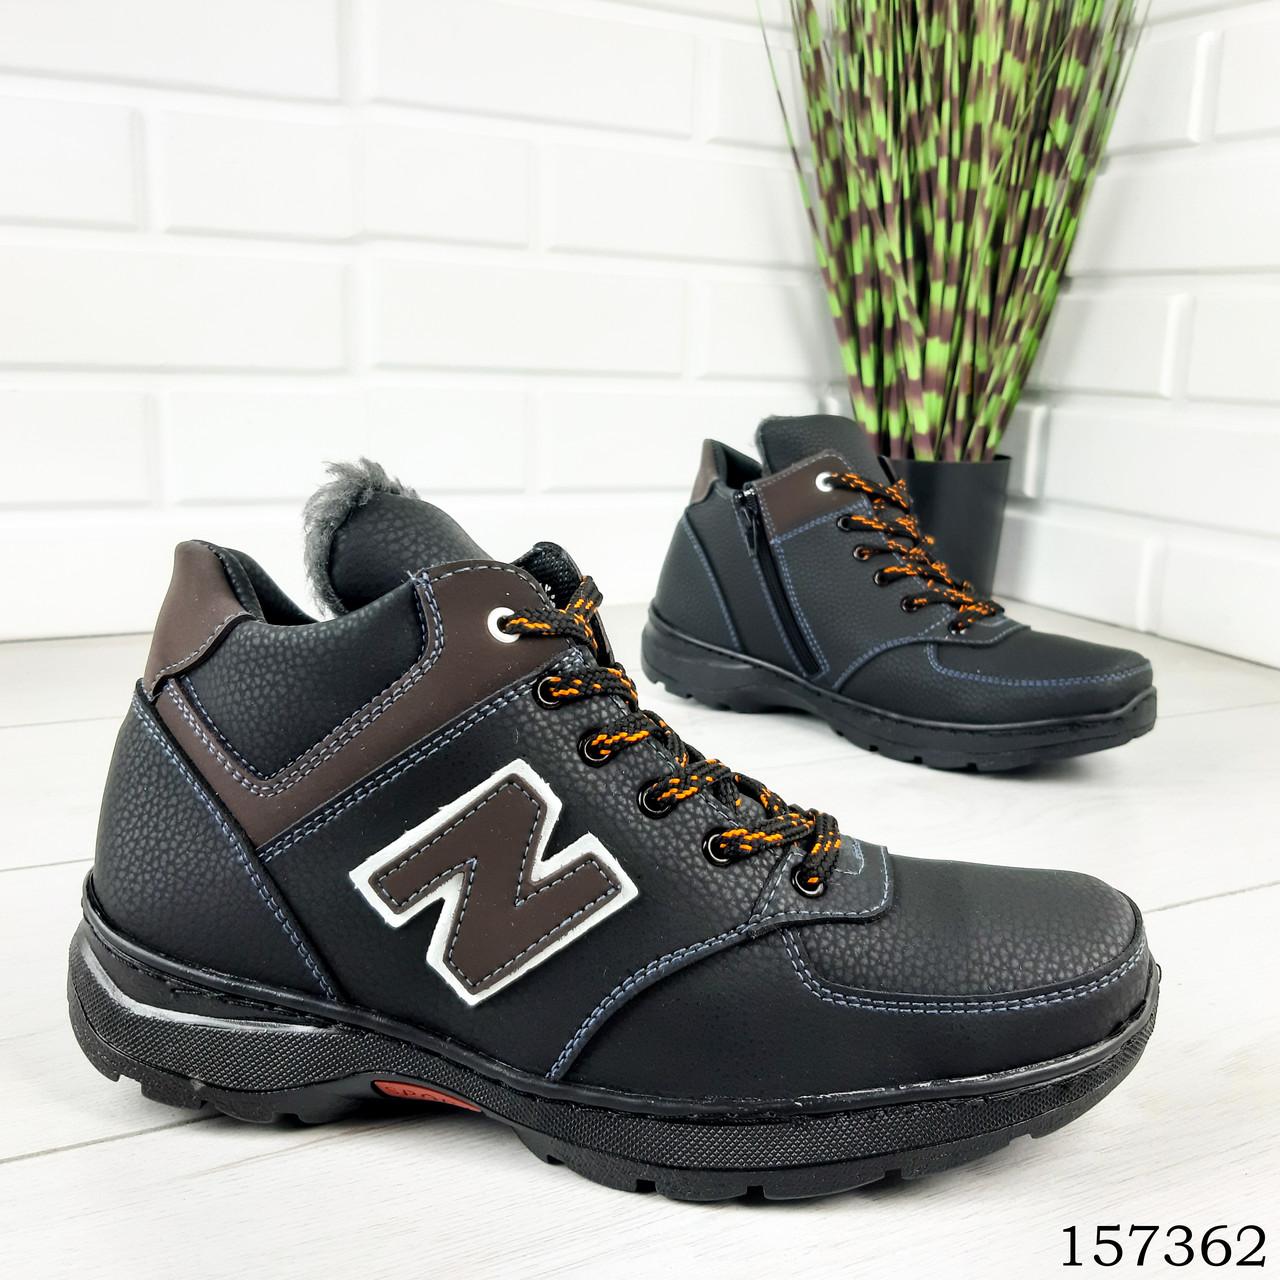 """Ботинки мужские зимние черные """"New B"""" эко кожа, Зимние ботинки. Обувь мужская. Обувь зимняя"""